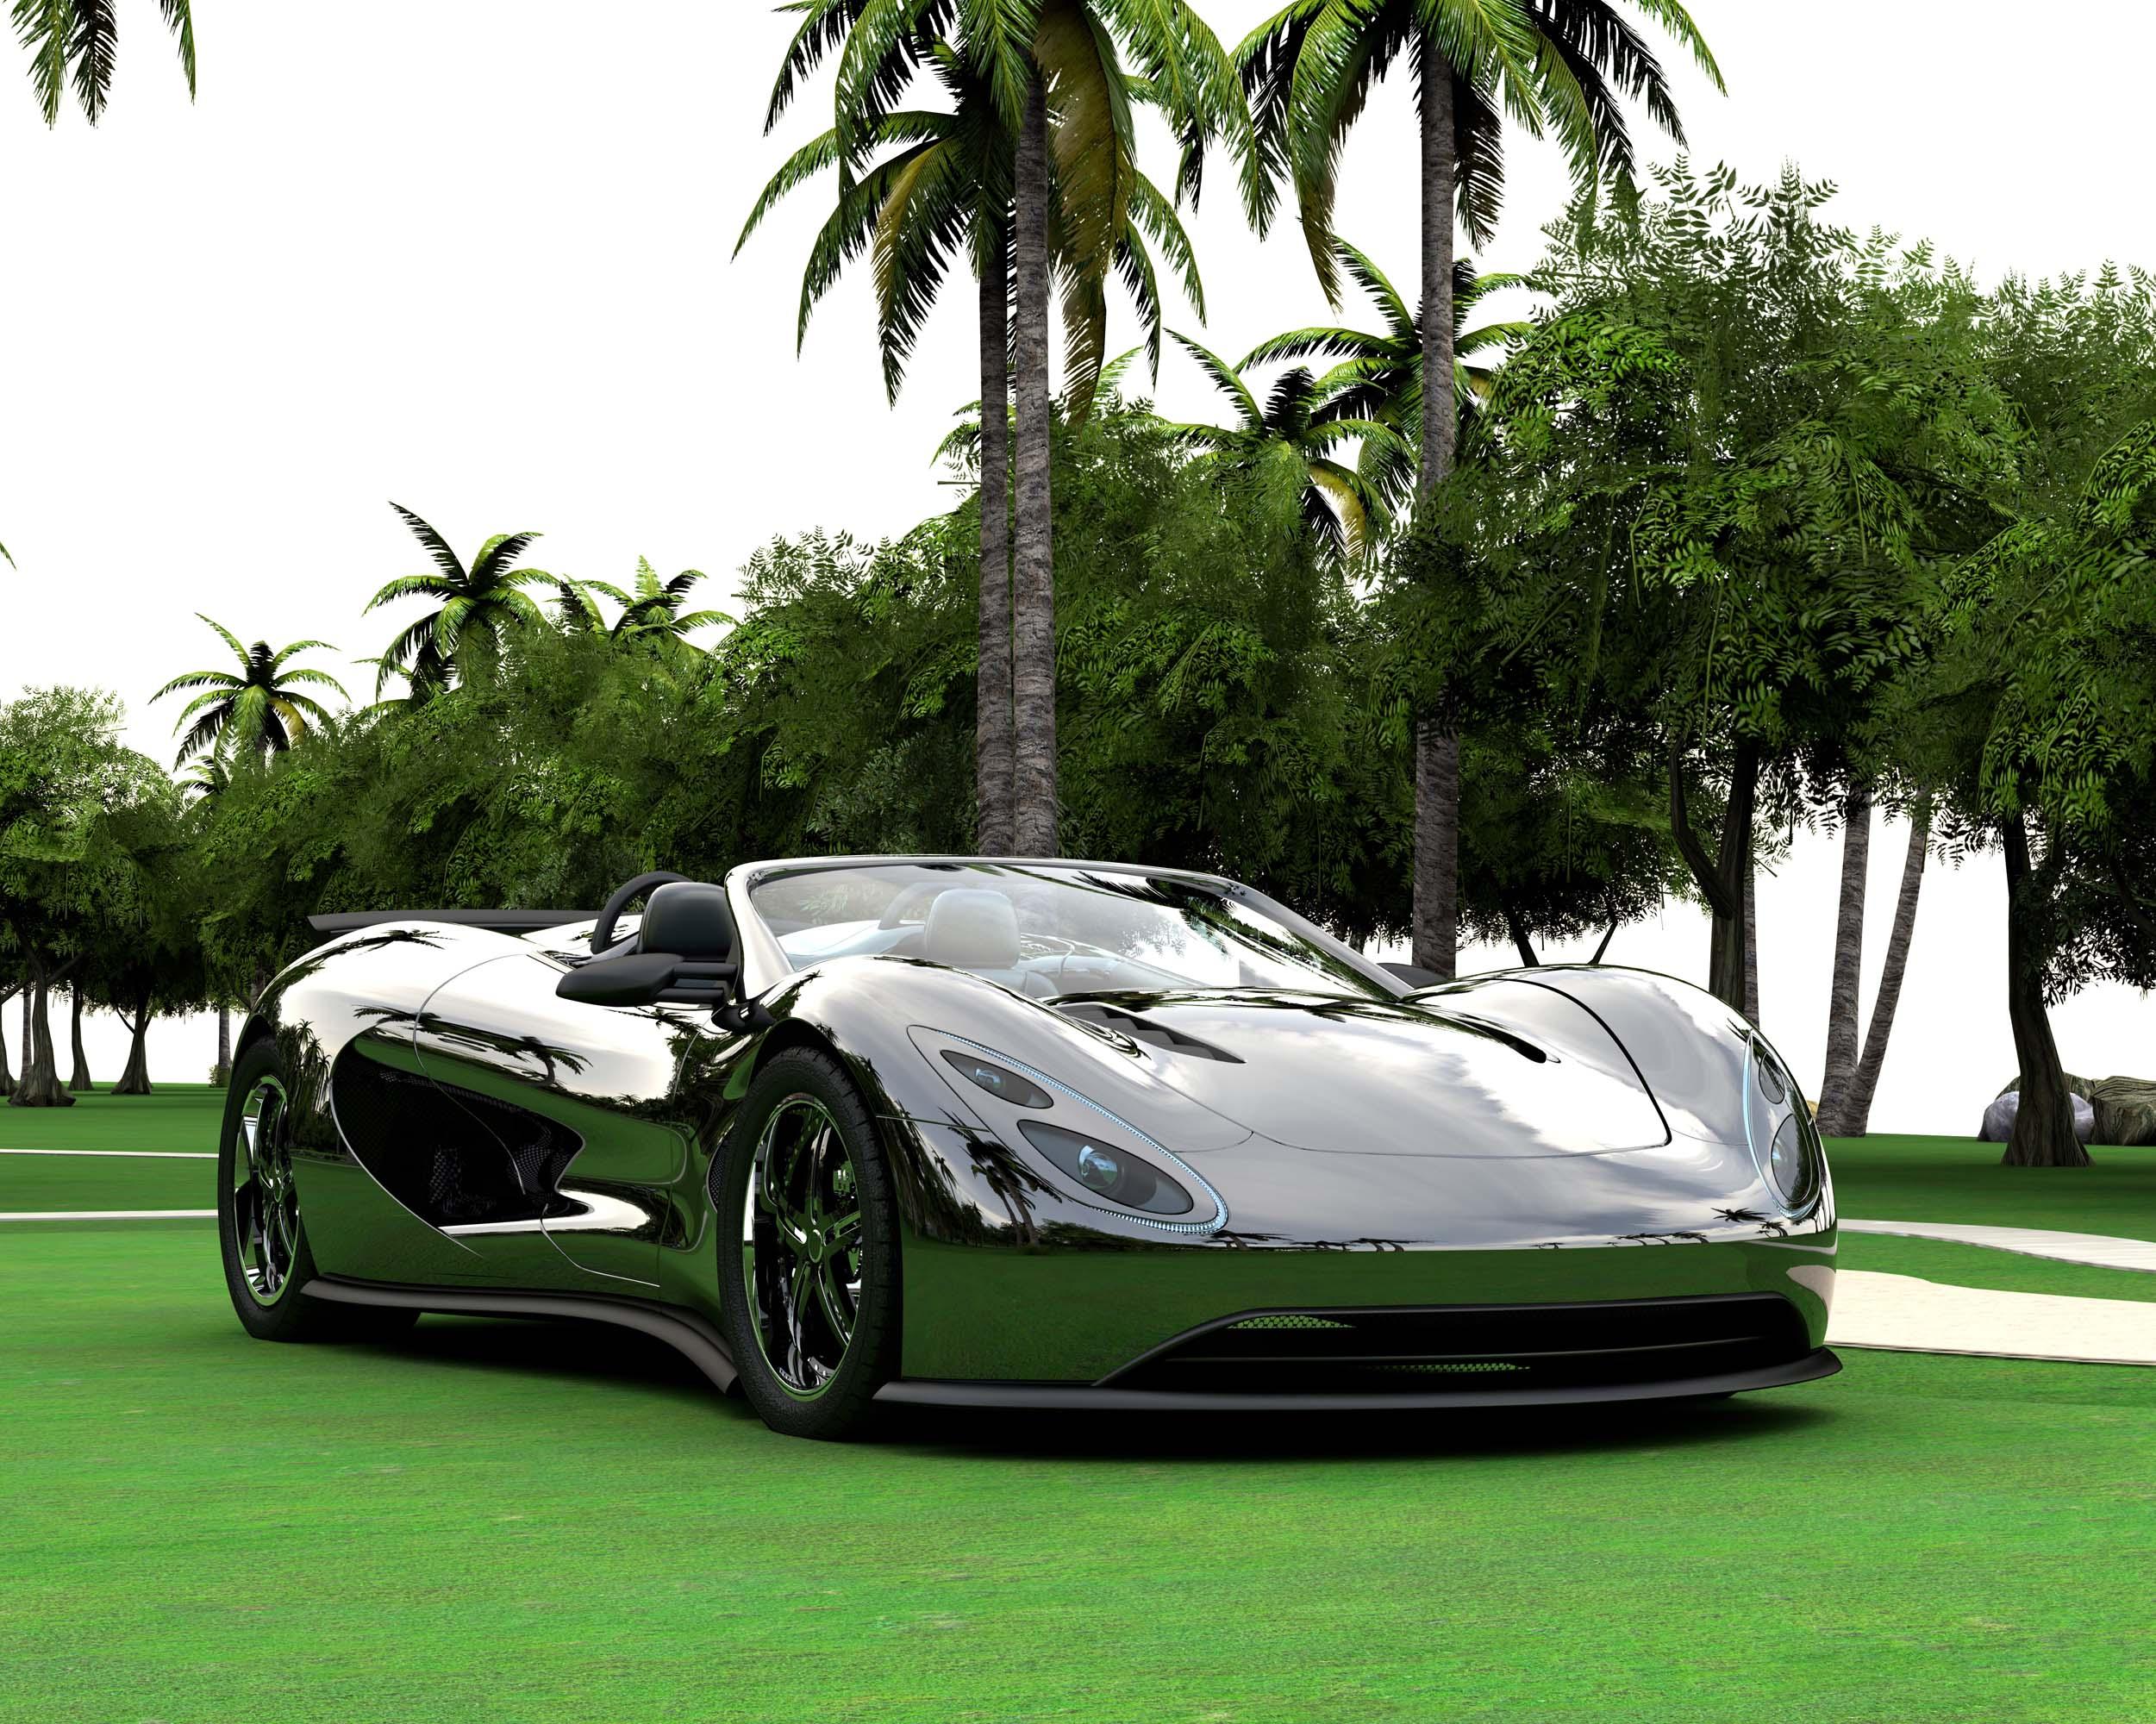 eco-exotic-scorpiontm-supercar-04.jpg